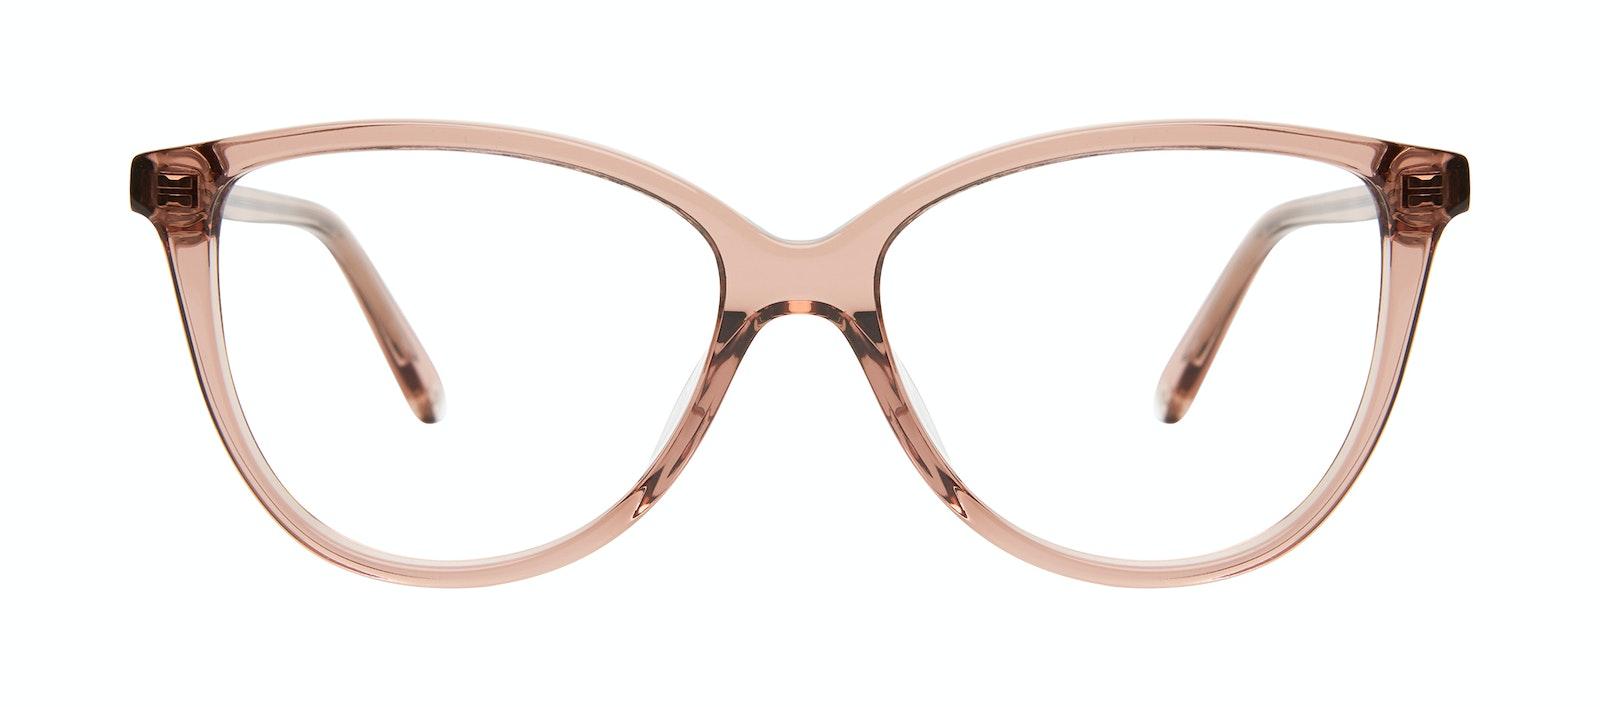 Lunettes tendance Oeil de chat Lunettes de vue Femmes Tailor Rose Face